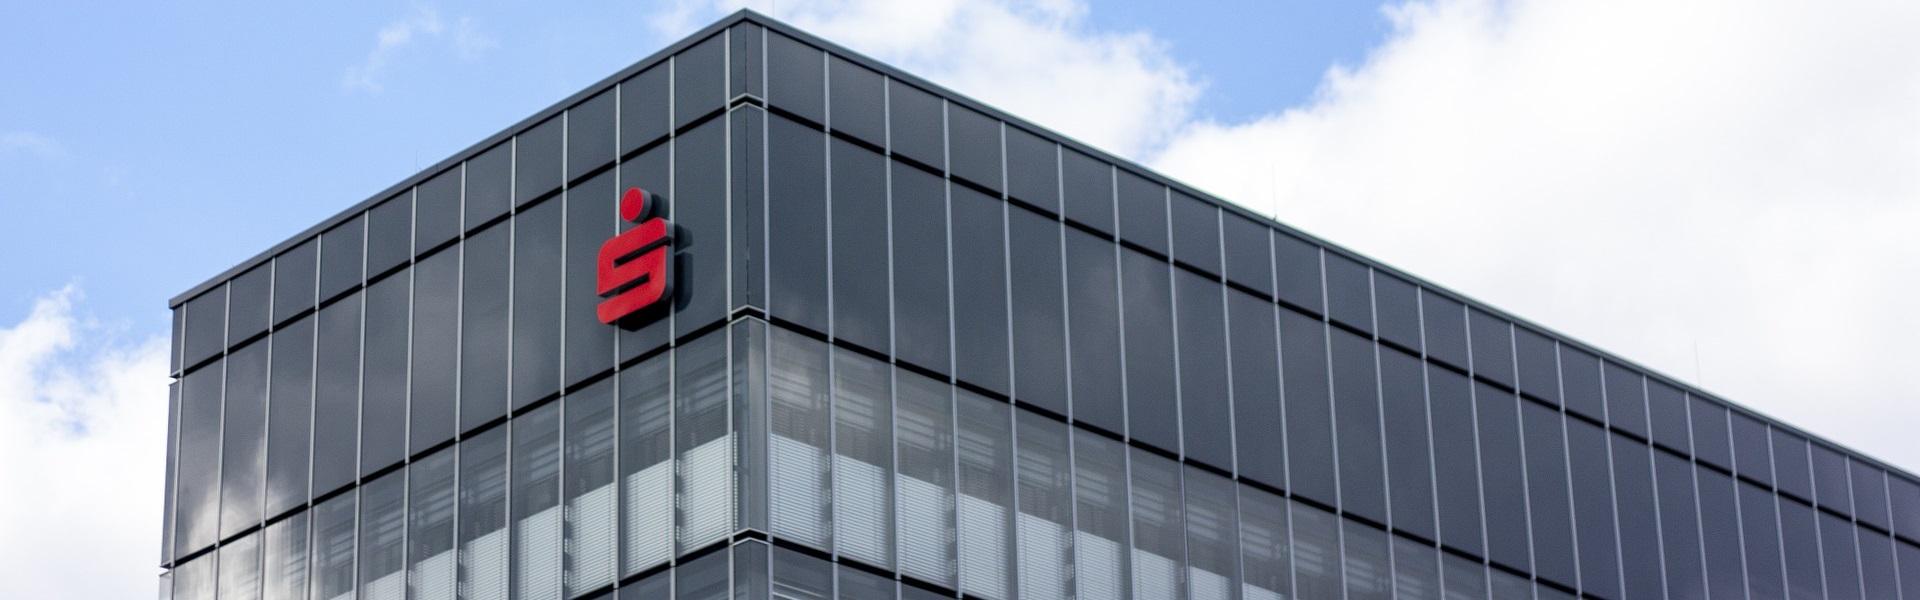 Quelles sont les banques allemandes